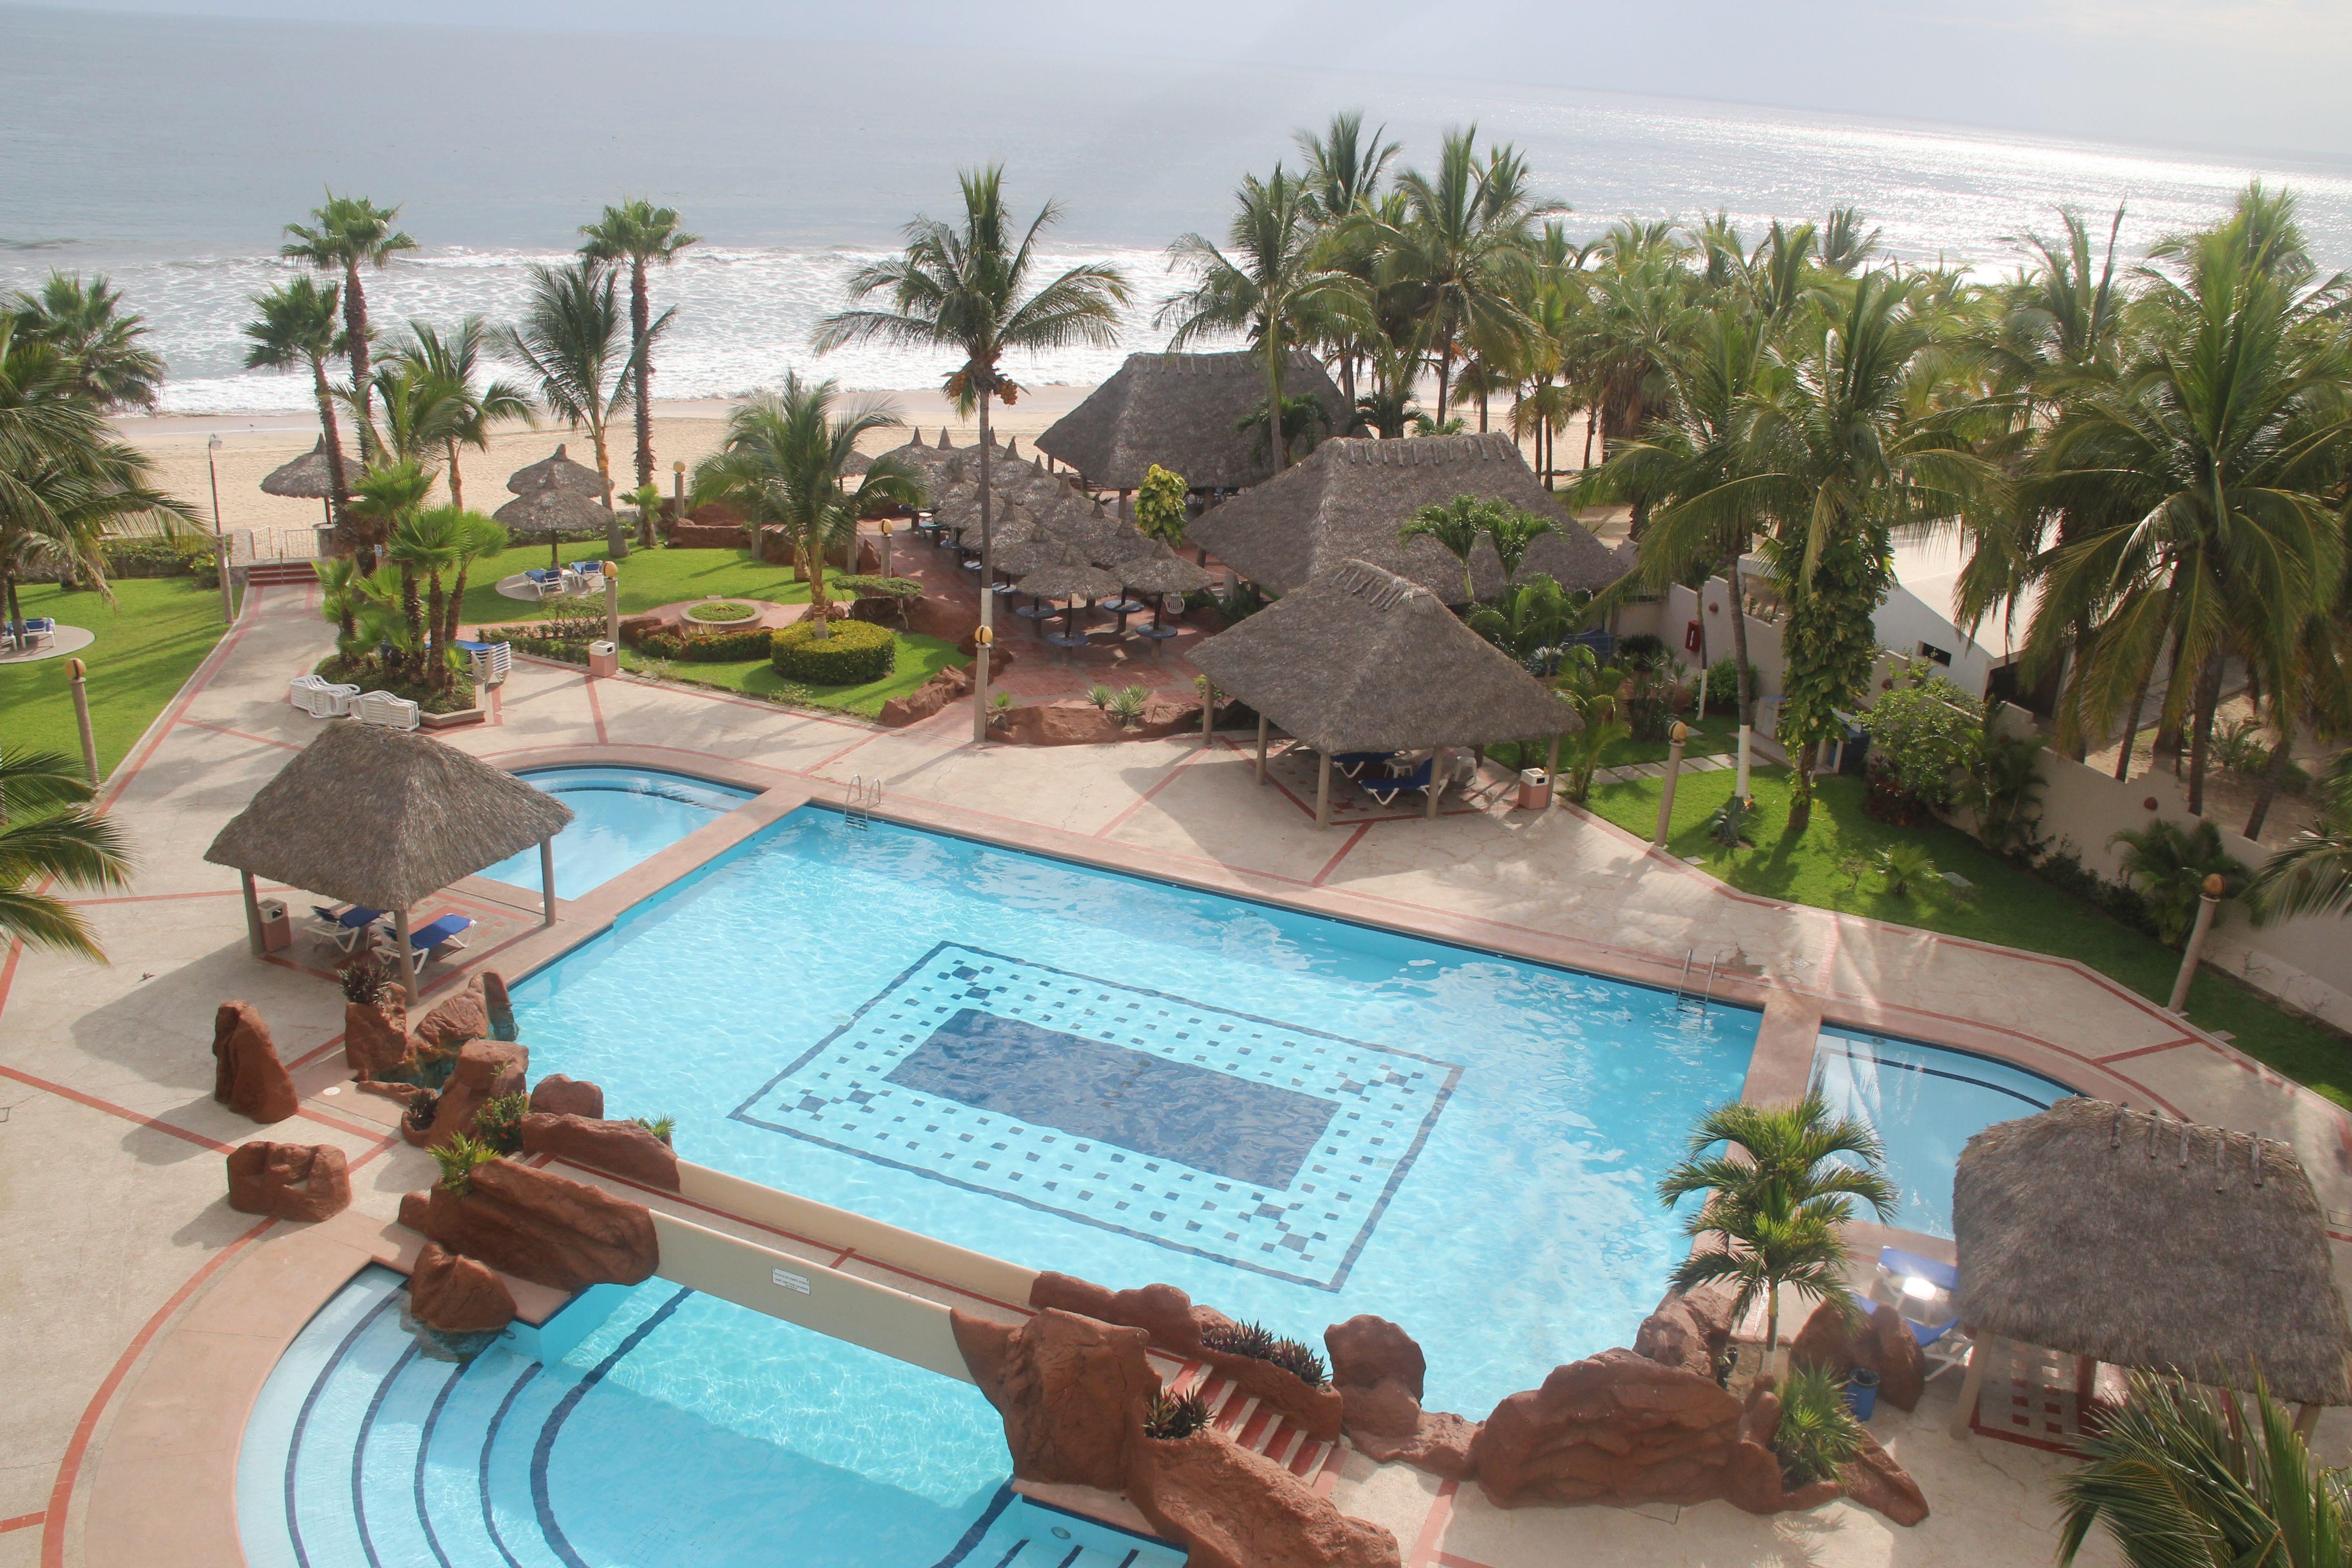 Quintas del Mar pool & common area